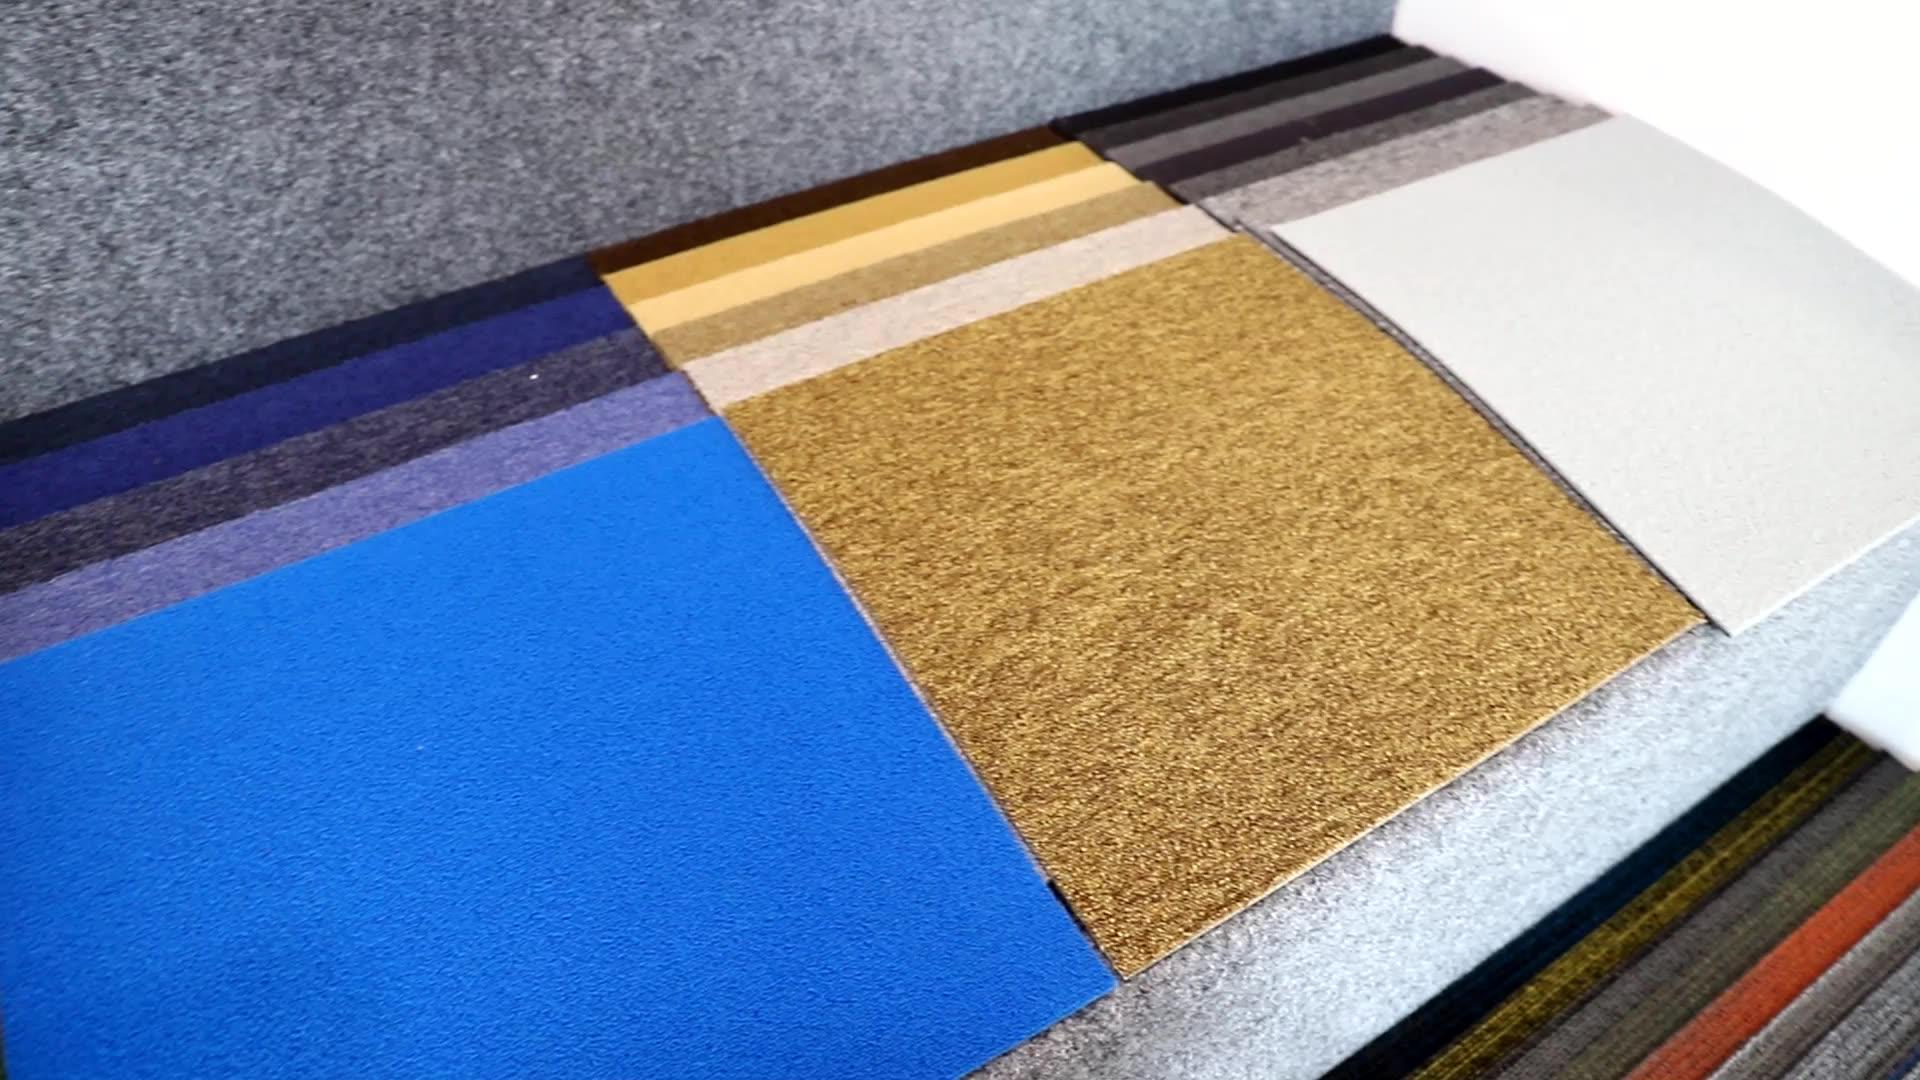 مخزونات تجارية موكيت الأصفر البني النايلون سجادة سادة البلاط 50x50 سنتيمتر للاستخدام المنزلي تصميم جديد شنغهاي سلسلة هانغجو العنبر